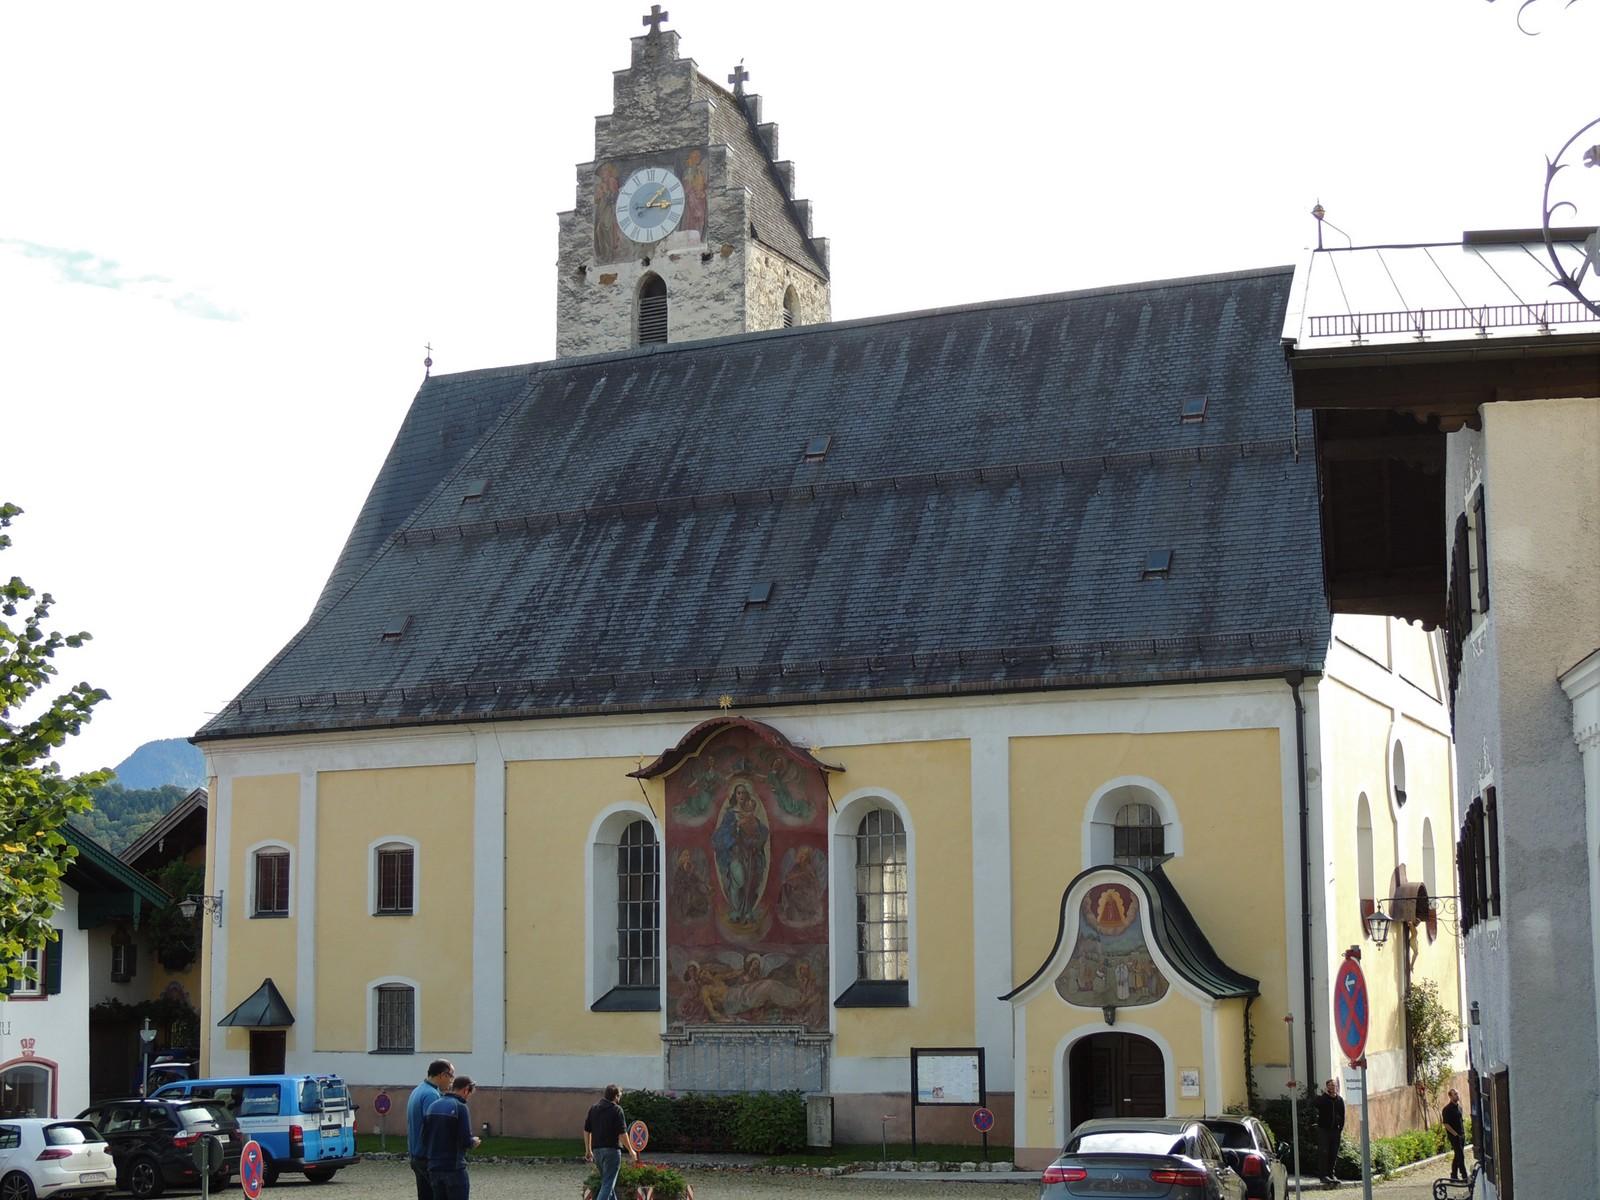 Pfarrkirche Mariä Empfängnis - Neubeuern im Inntal